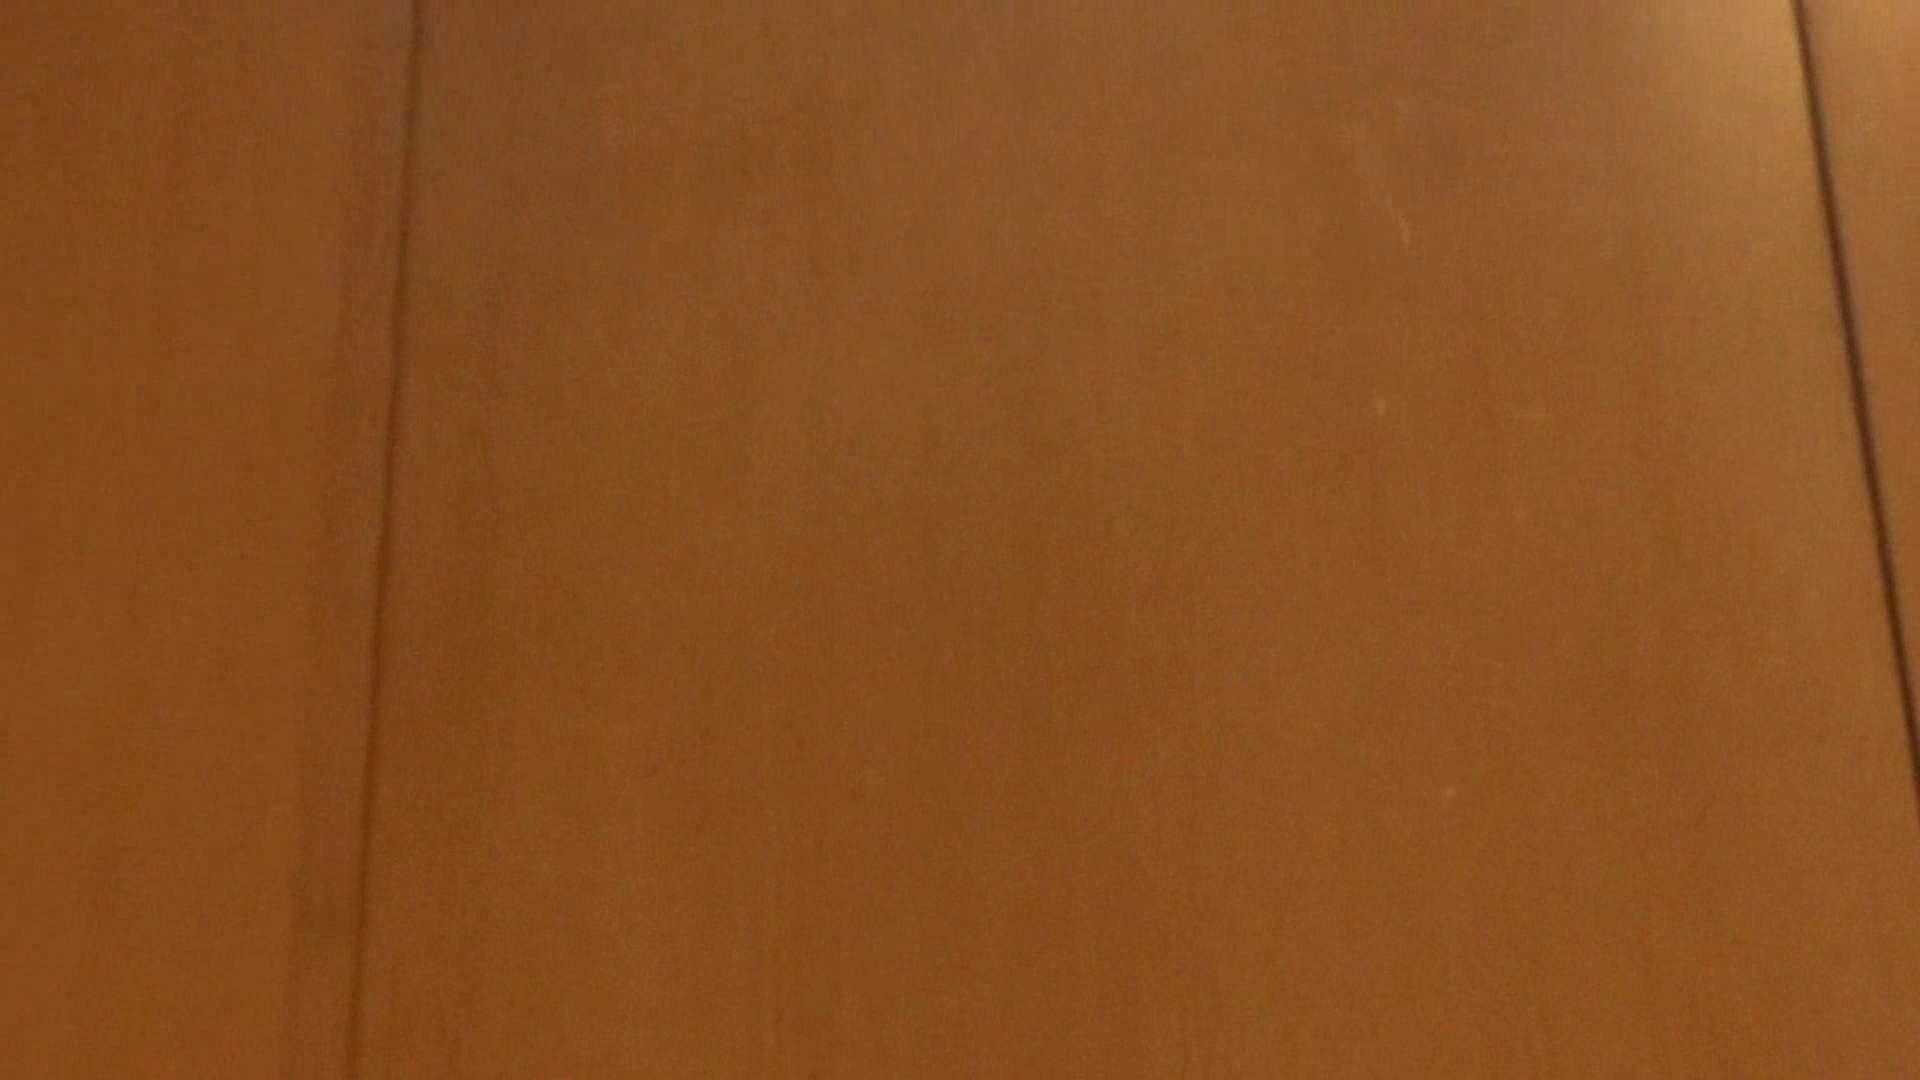 「噂」の国の厠観察日記2 Vol.01 人気シリーズ | 厠・・・  89PIX 69